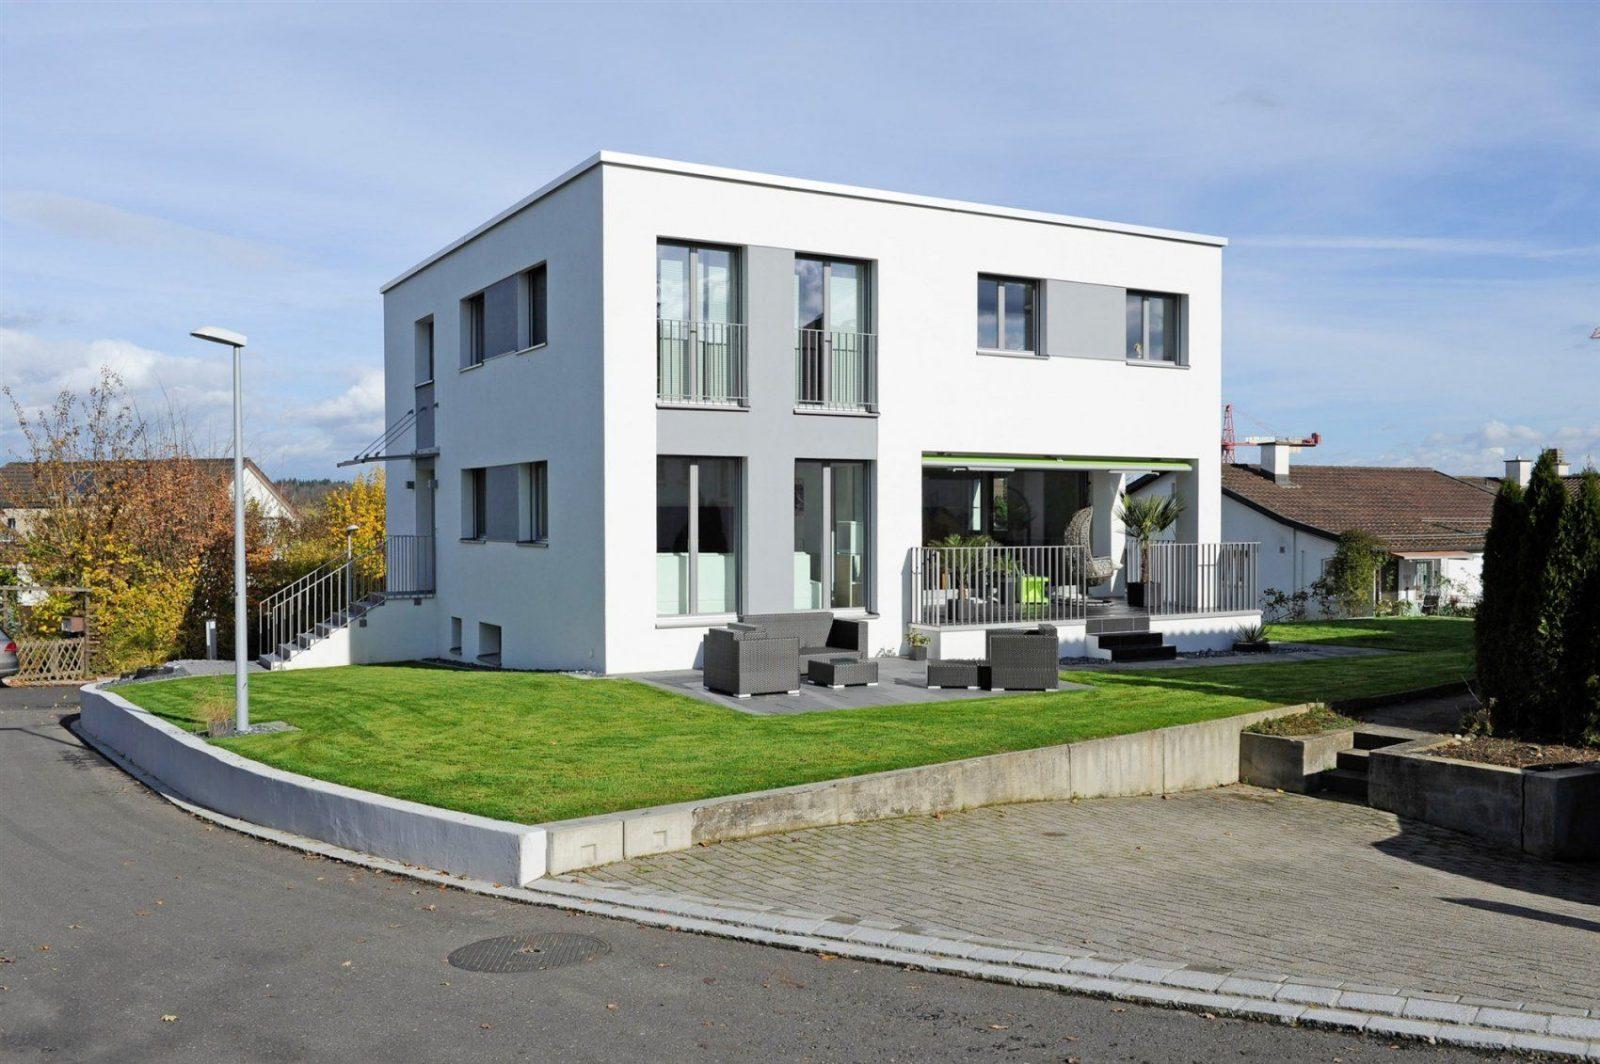 Umbau Zurich Aufstockung Einfamilienhaus Rickenbach Von Haus